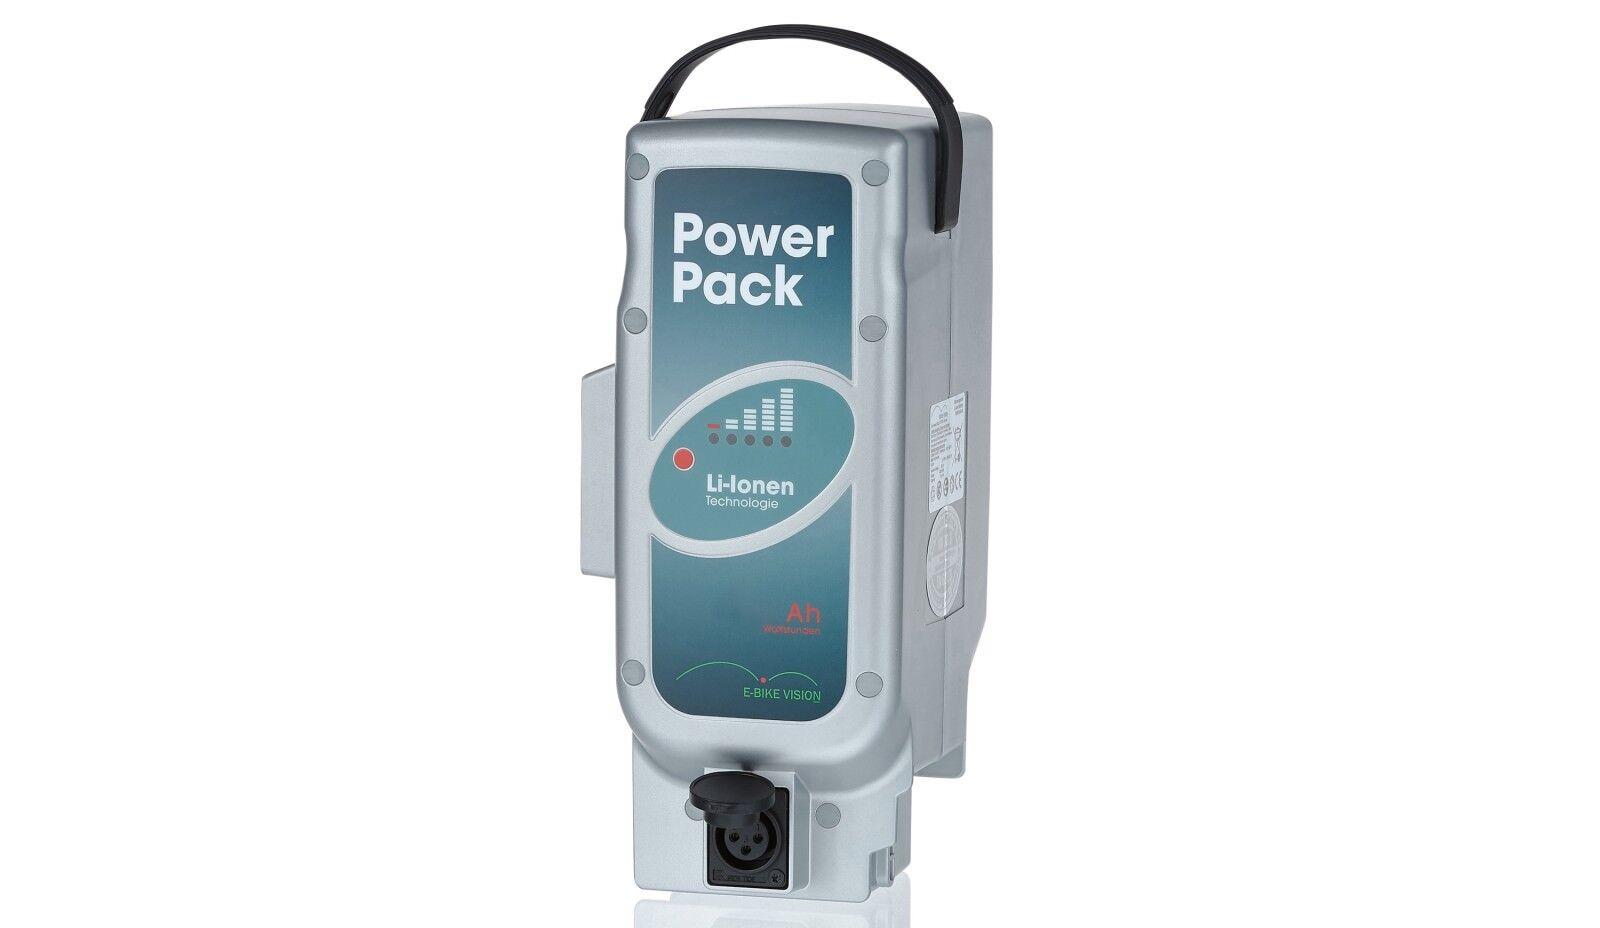 E-BIKE VISION Power Pack Akku Ersatzakku 21 Ah Panasonic 26V Mittelmotor eBike